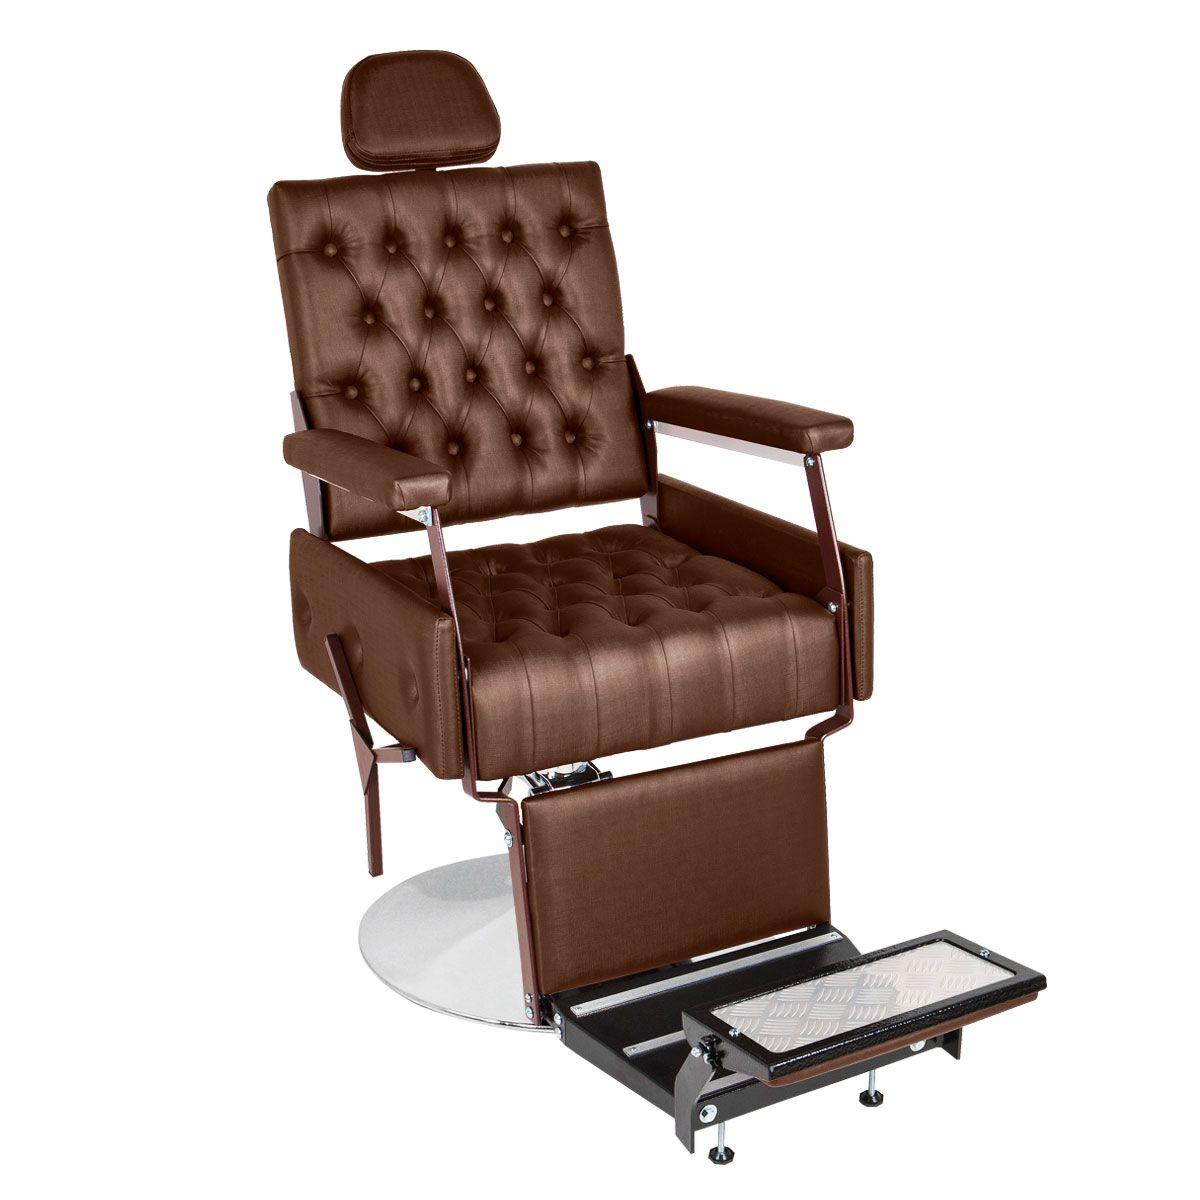 Cadeira de Barbeiro Reclinável Euro - Pé Redondo